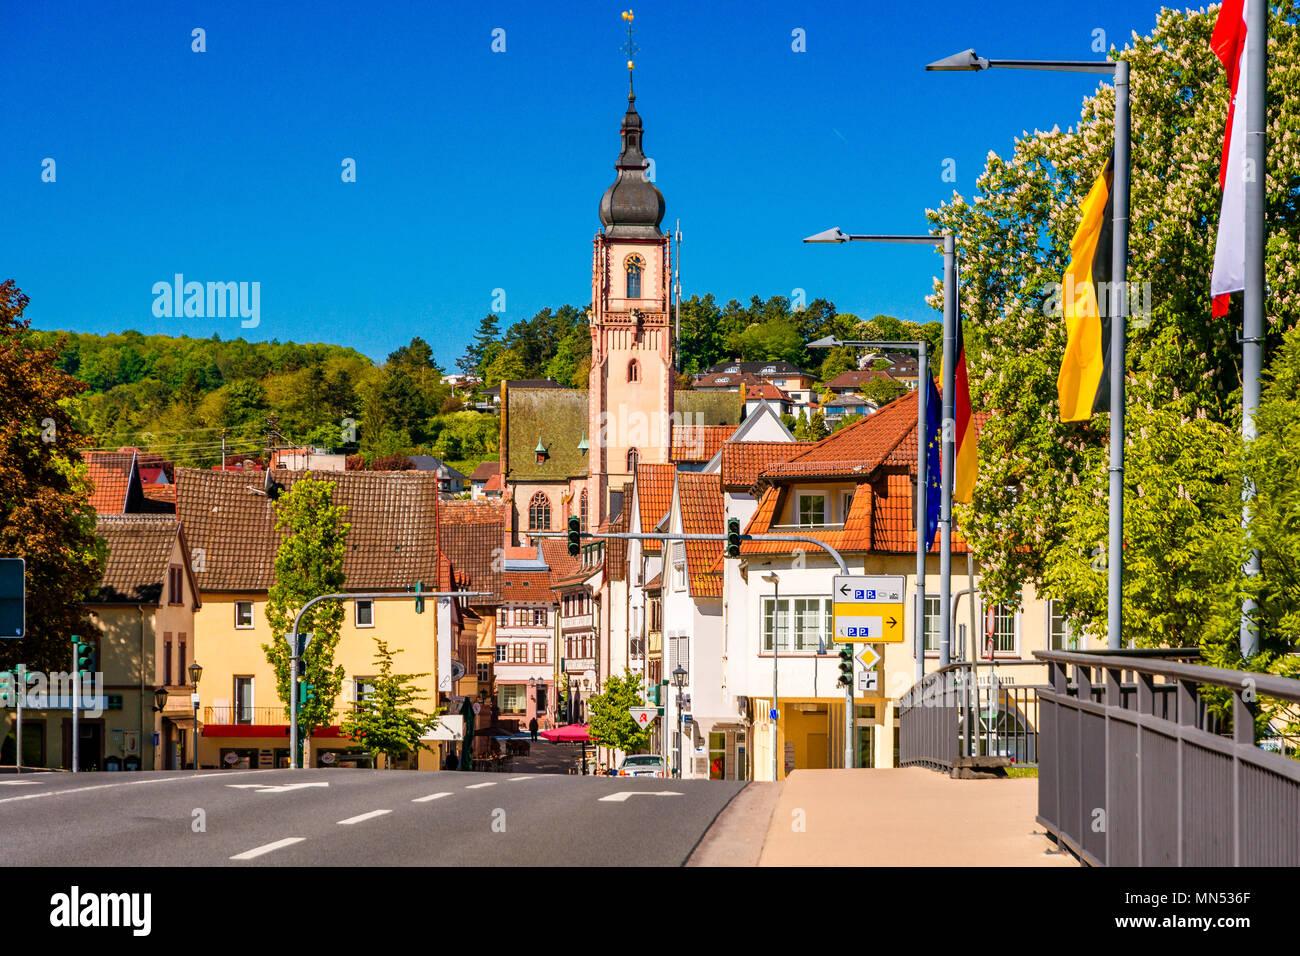 Belle vue panoramique sur la vieille ville de Tauberbischofsheim - fait partie de la Route Romantique, Bavière, Allemagne Banque D'Images